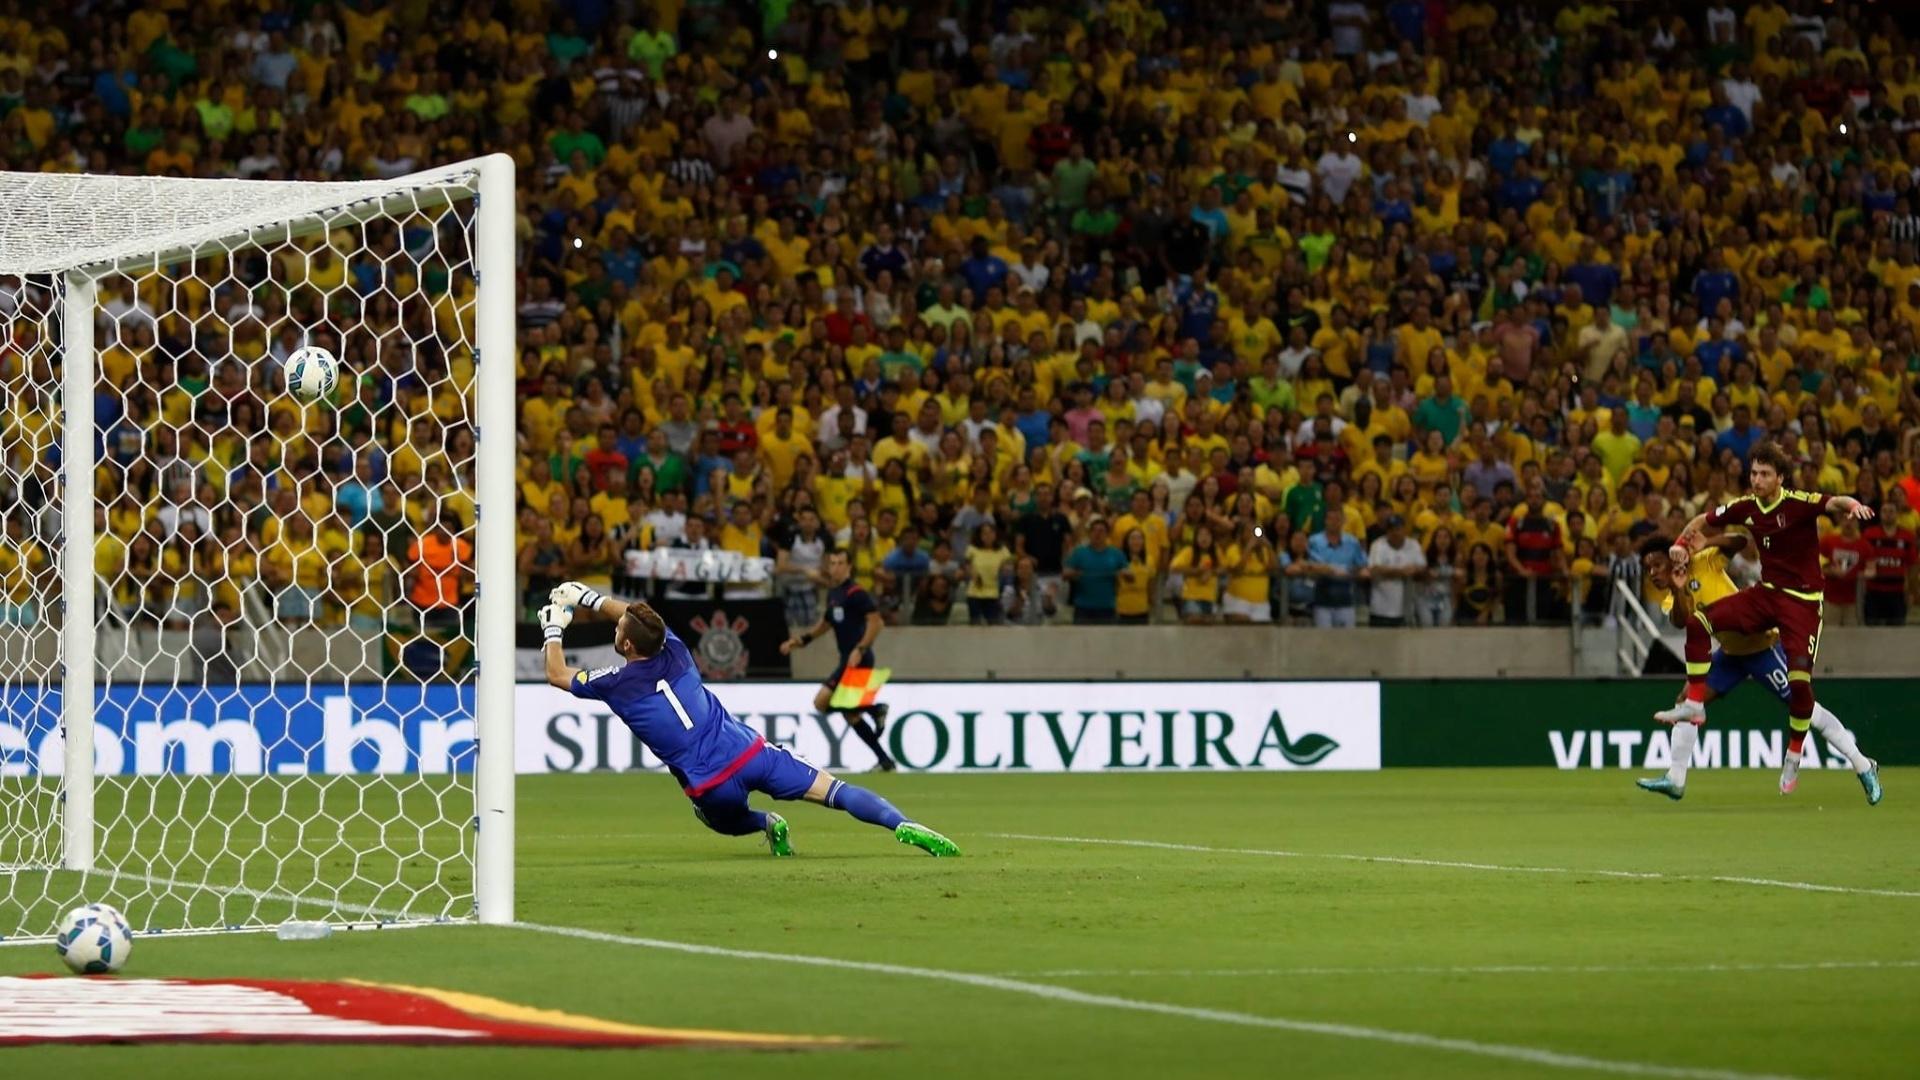 Goleiro venezuelano Baroja espalma chute de Willian para dentro e Brasil faz 1 a 0 contra a Venezuela nas Eliminatórias da Copa